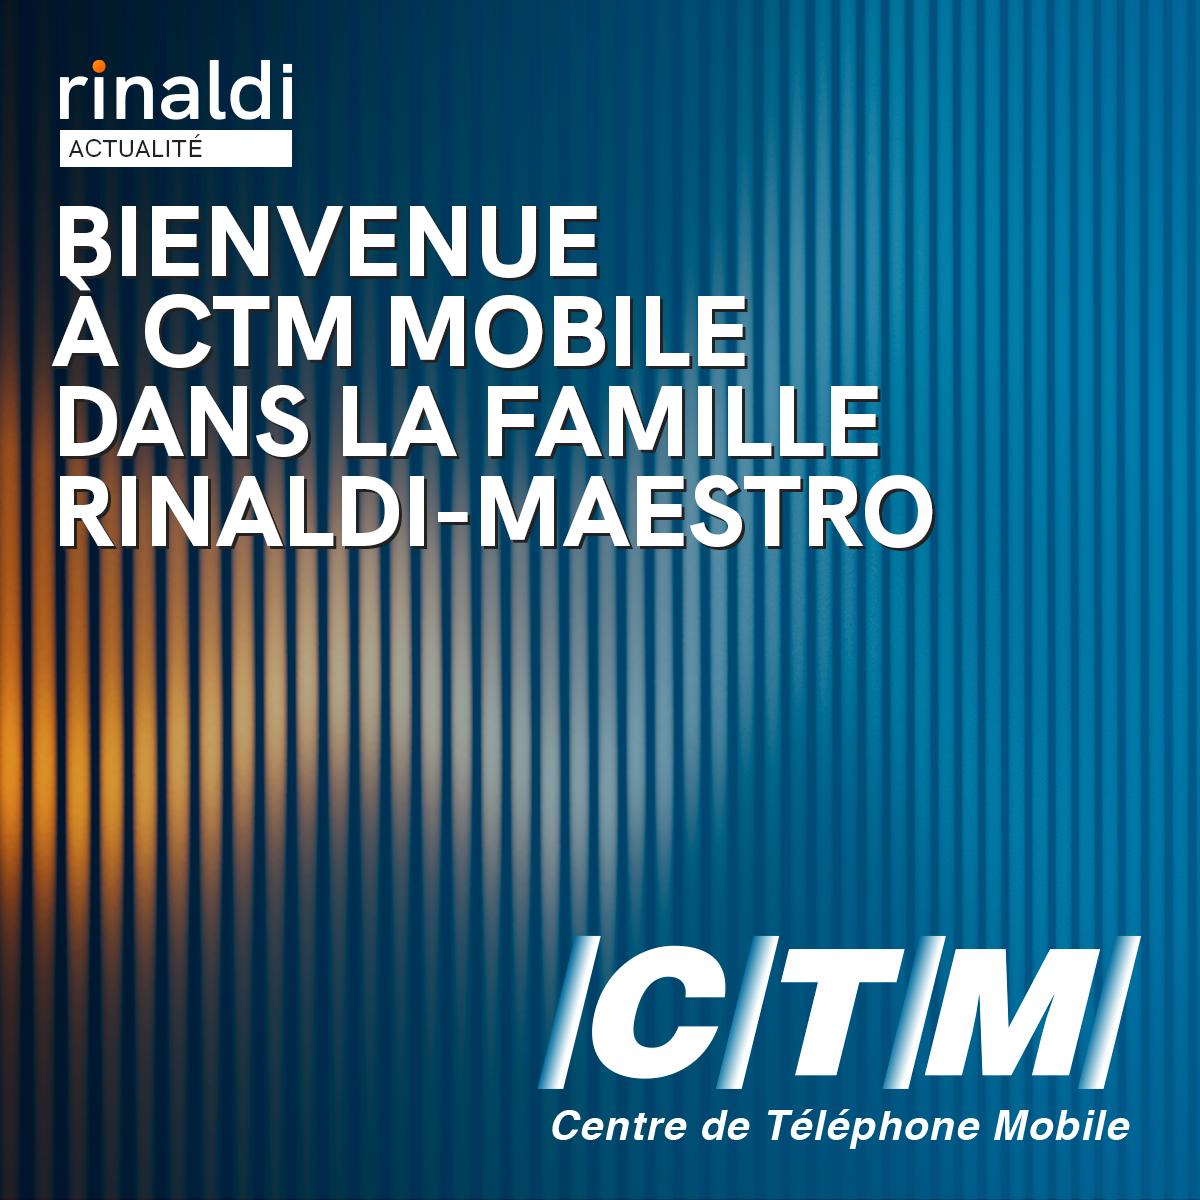 CTM Mobile confie sa performance numérique à l'agence Rinaldi-Maestro